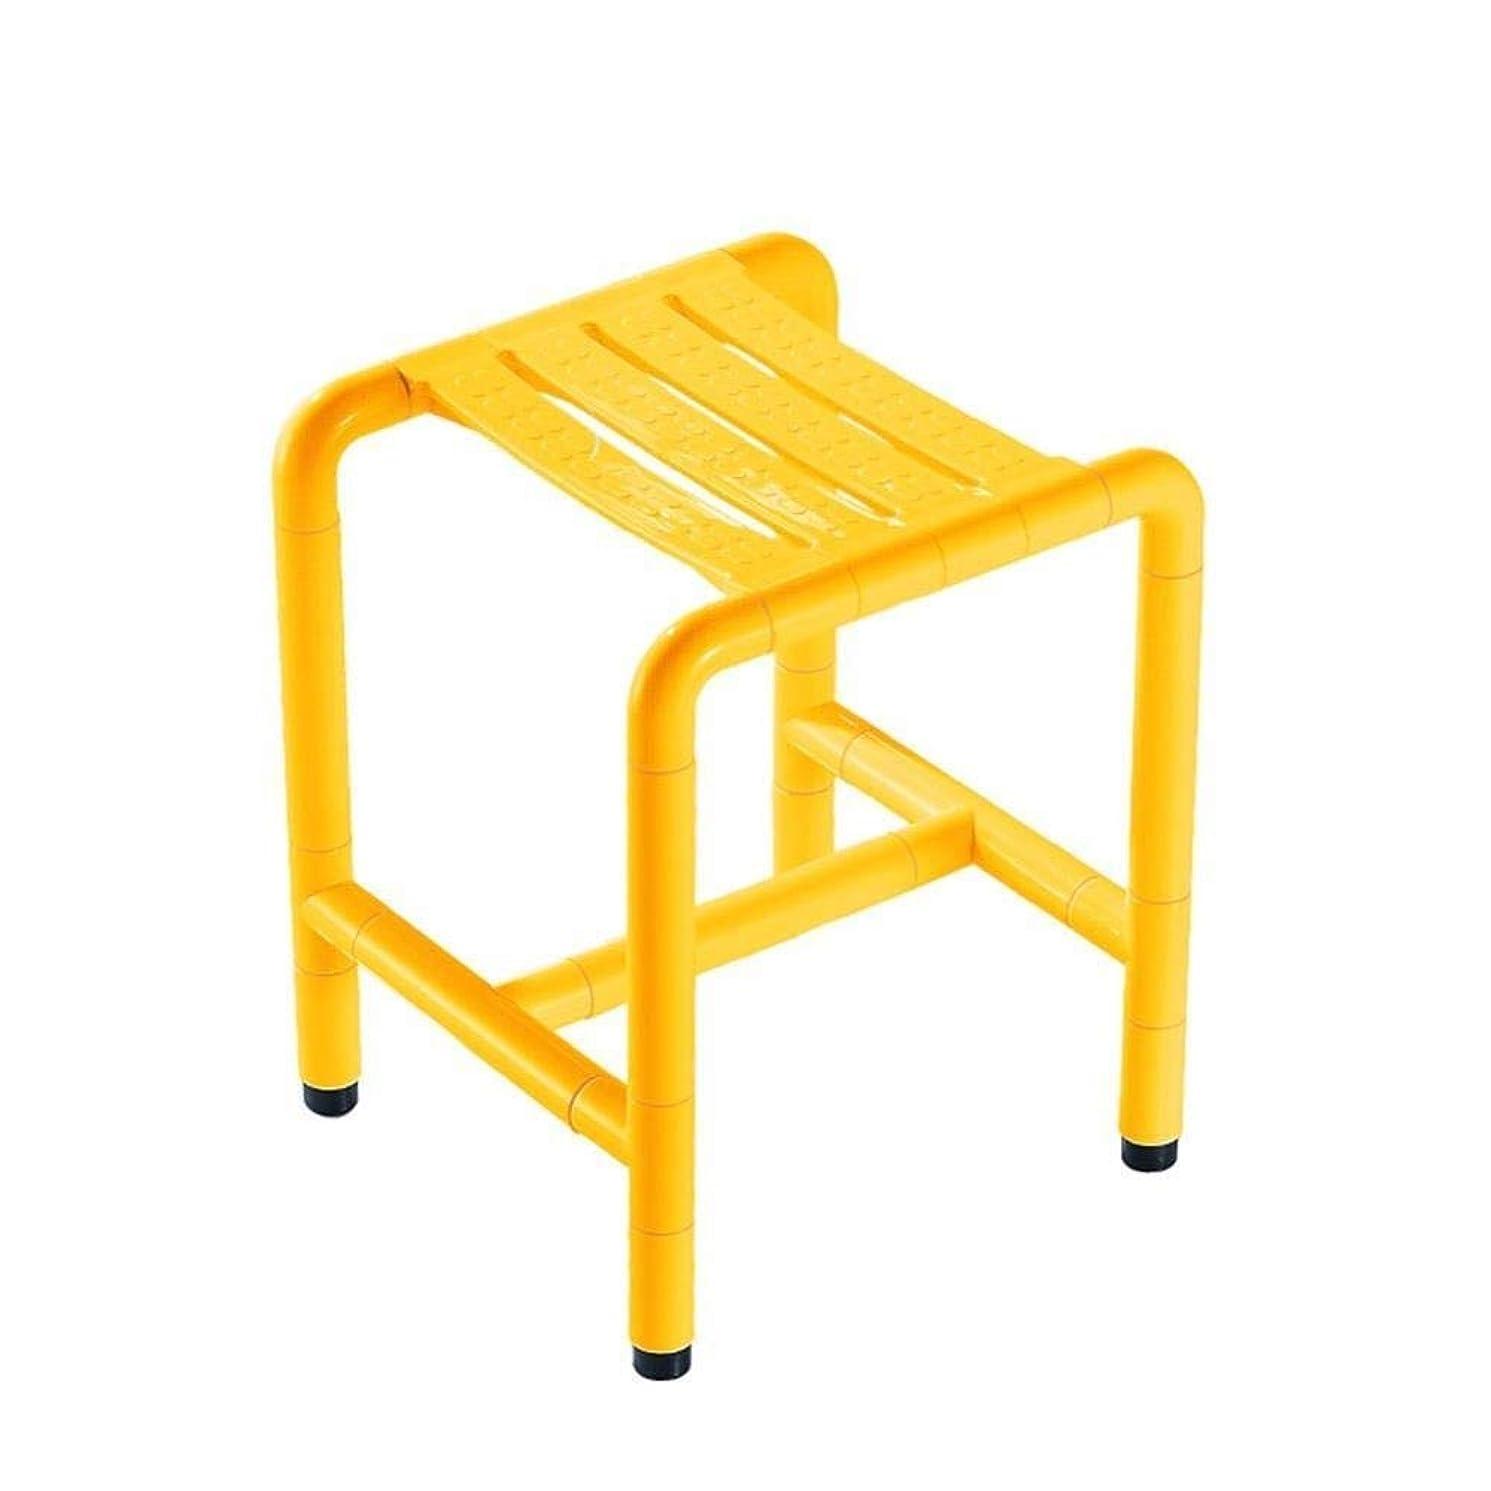 そのような荒廃するレンダリングバスシート、軽量高さ調節可能なシャワースツール、バスルームの安全性とセキュリティ、高齢者、身体障害者 (Color : 黄)